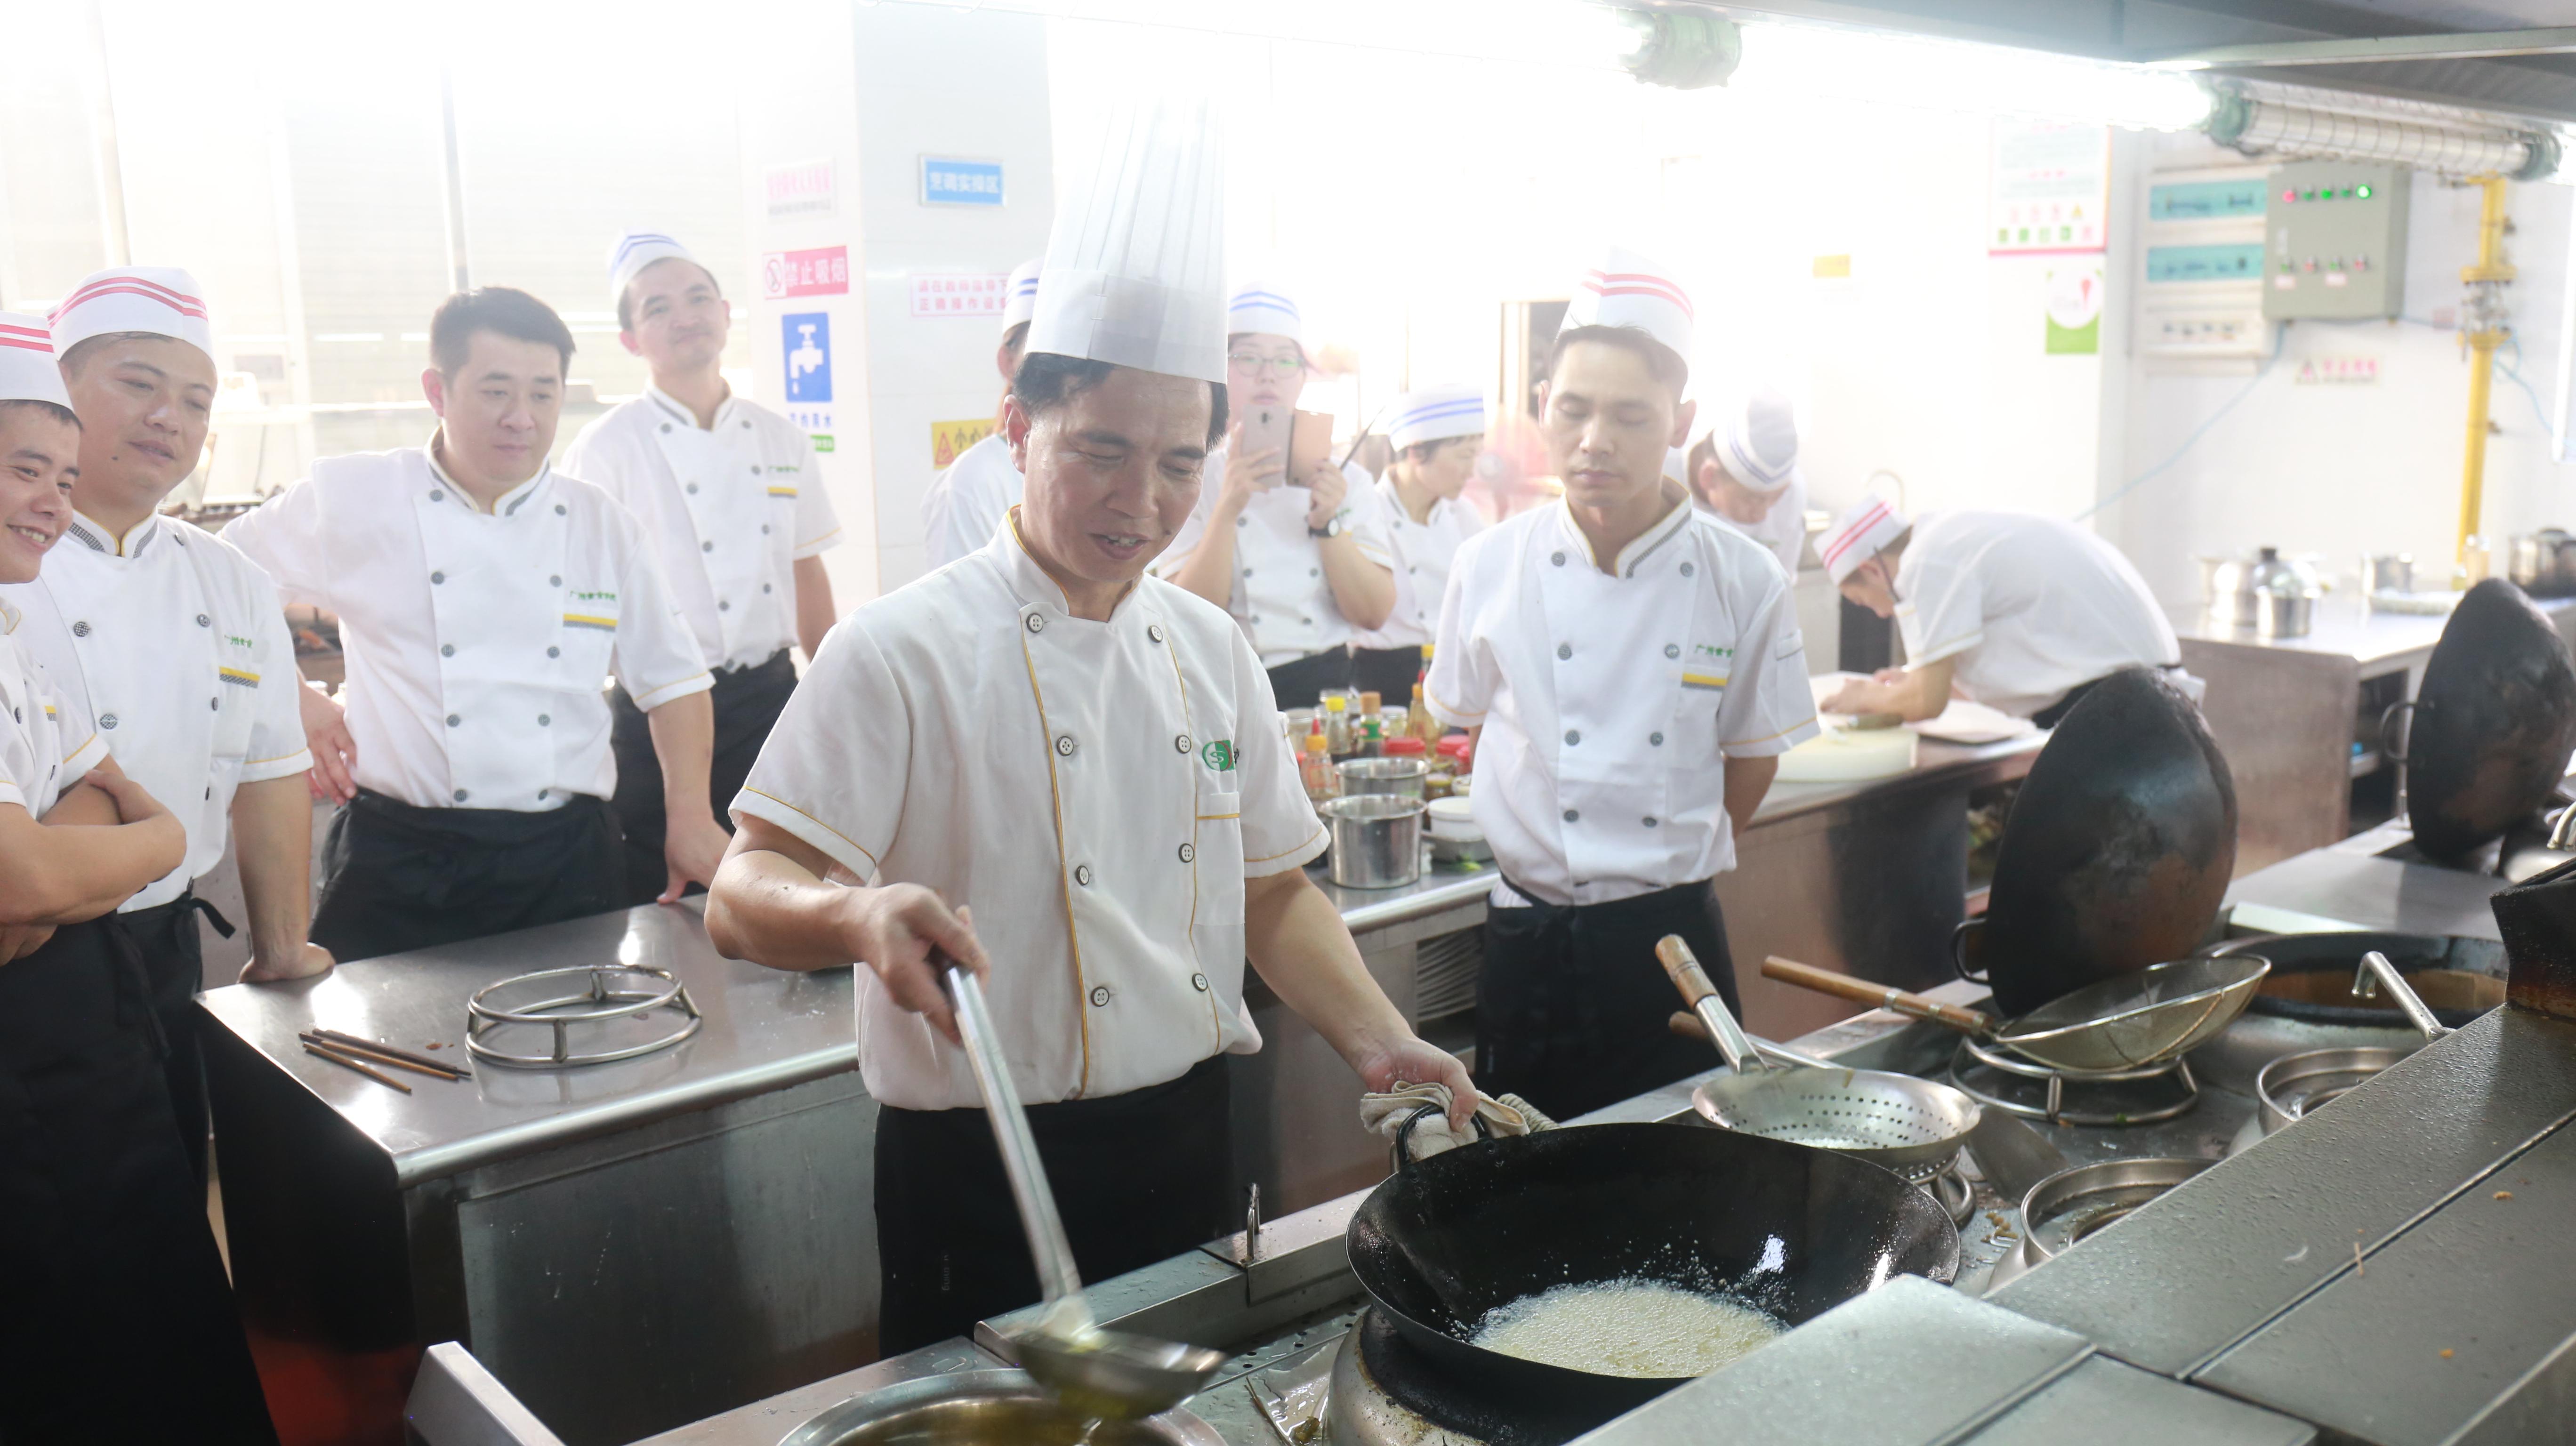 2018年3月27日 素食厨师长班(高级素食厨艺师)(一周)